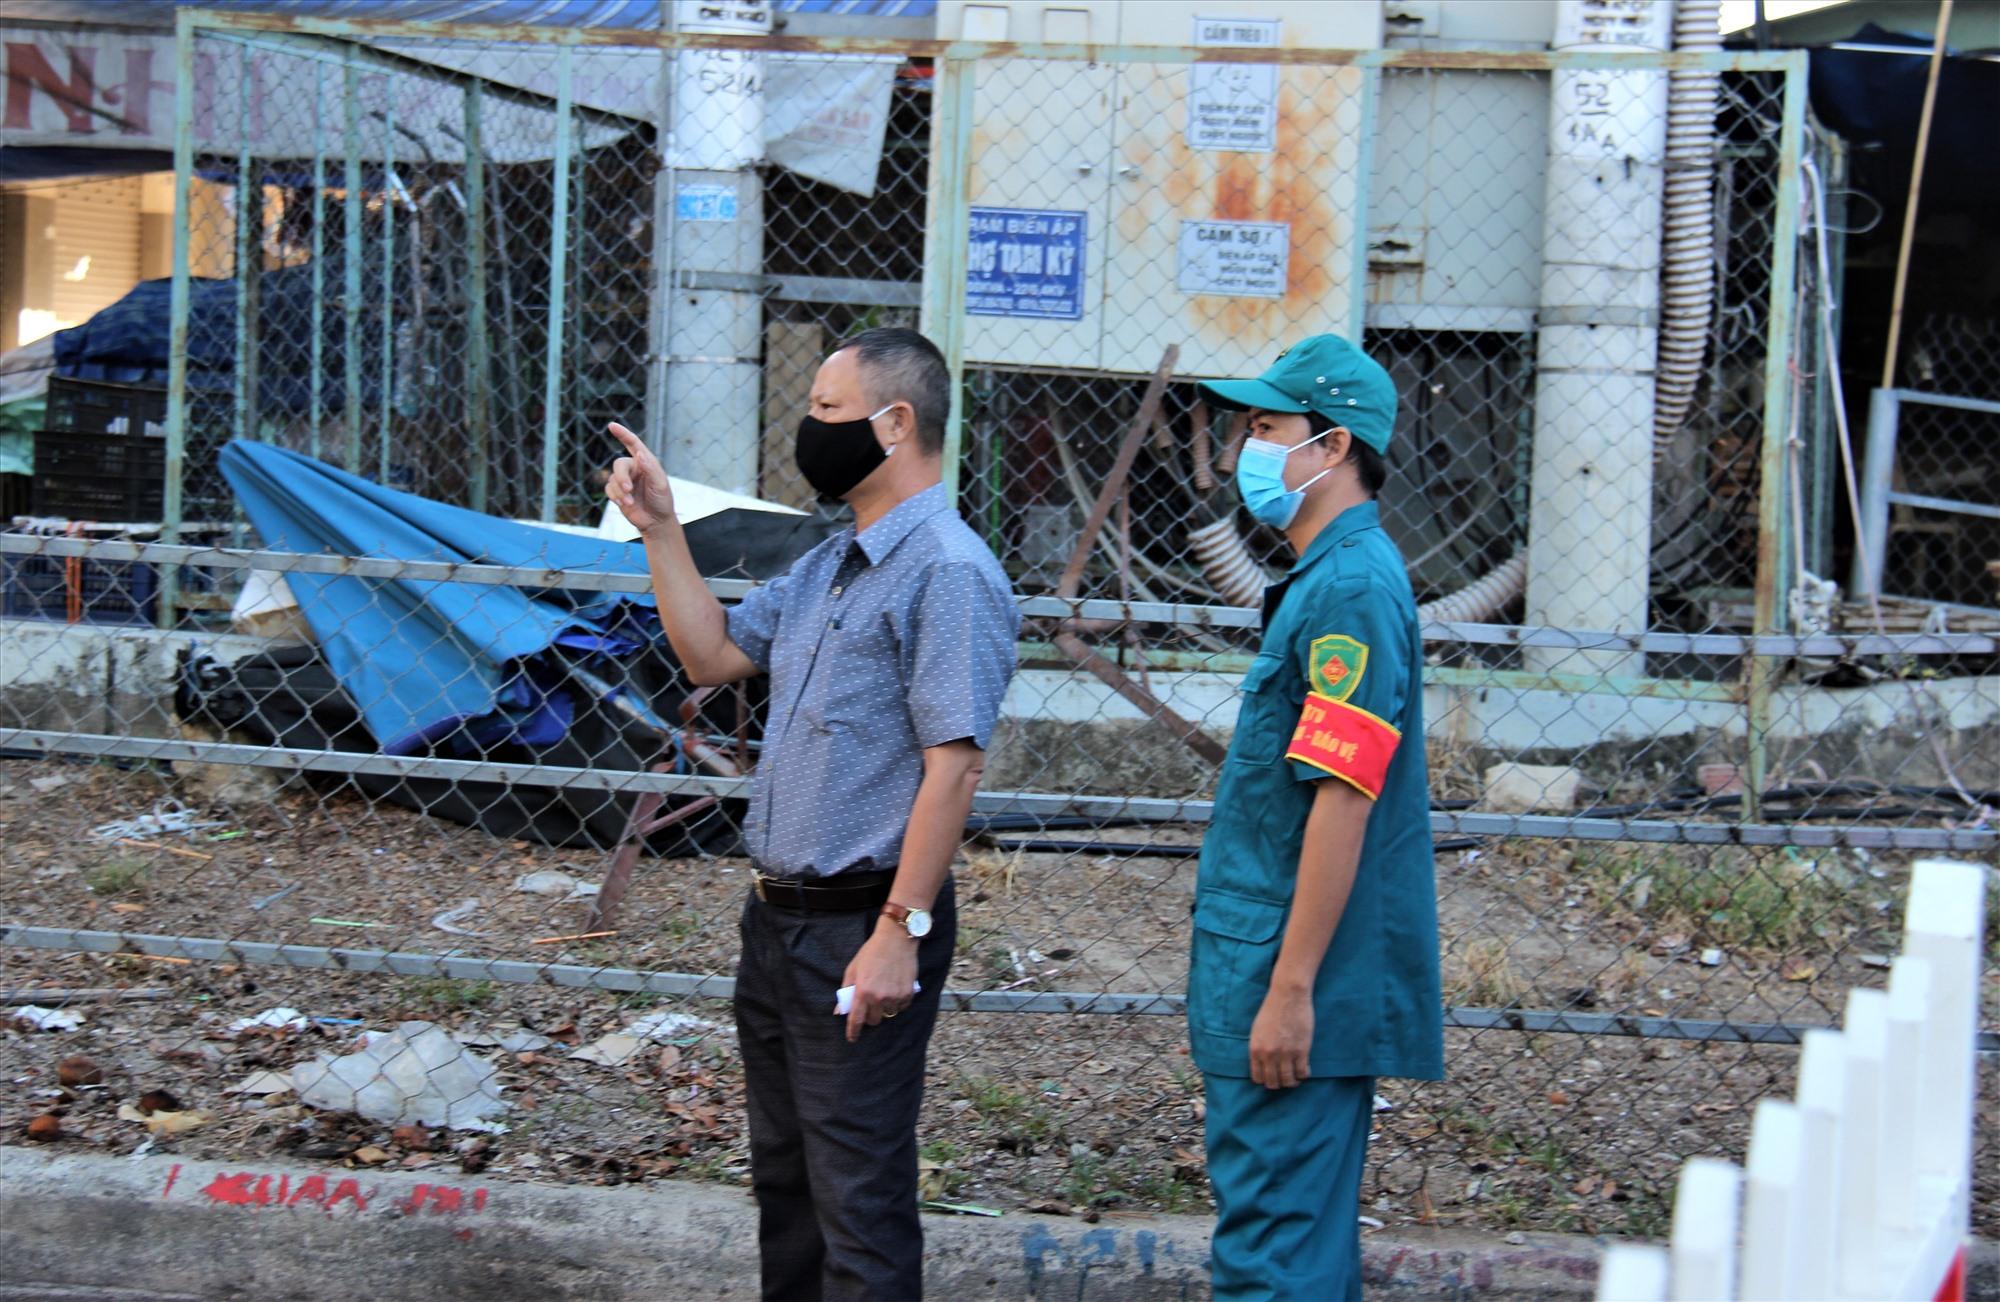 Ông Phan Đình Thành (cáo ca rô) - Chủ tịch phường Phước Hòa kiểm tra việc thực hiện phong tỏa để phòng chống dịch Covid-19. Ảnh: THANH THẮNG